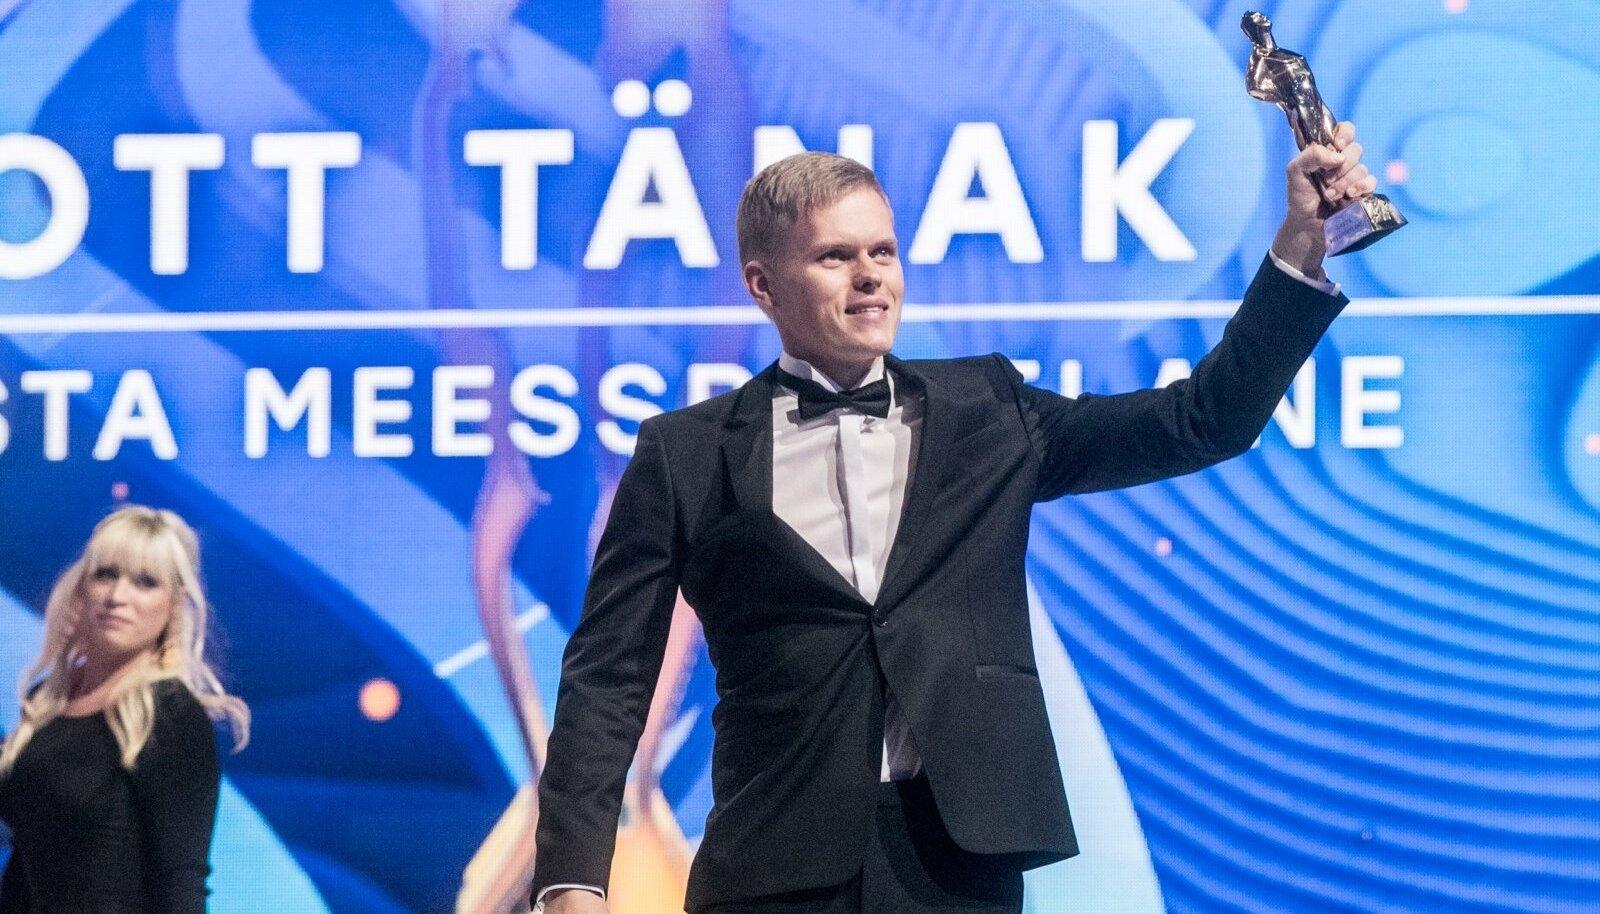 Kas 2017. aastal oma esimese kuldse Kristjani saanud Ott Tänak võidab ka tänavu?